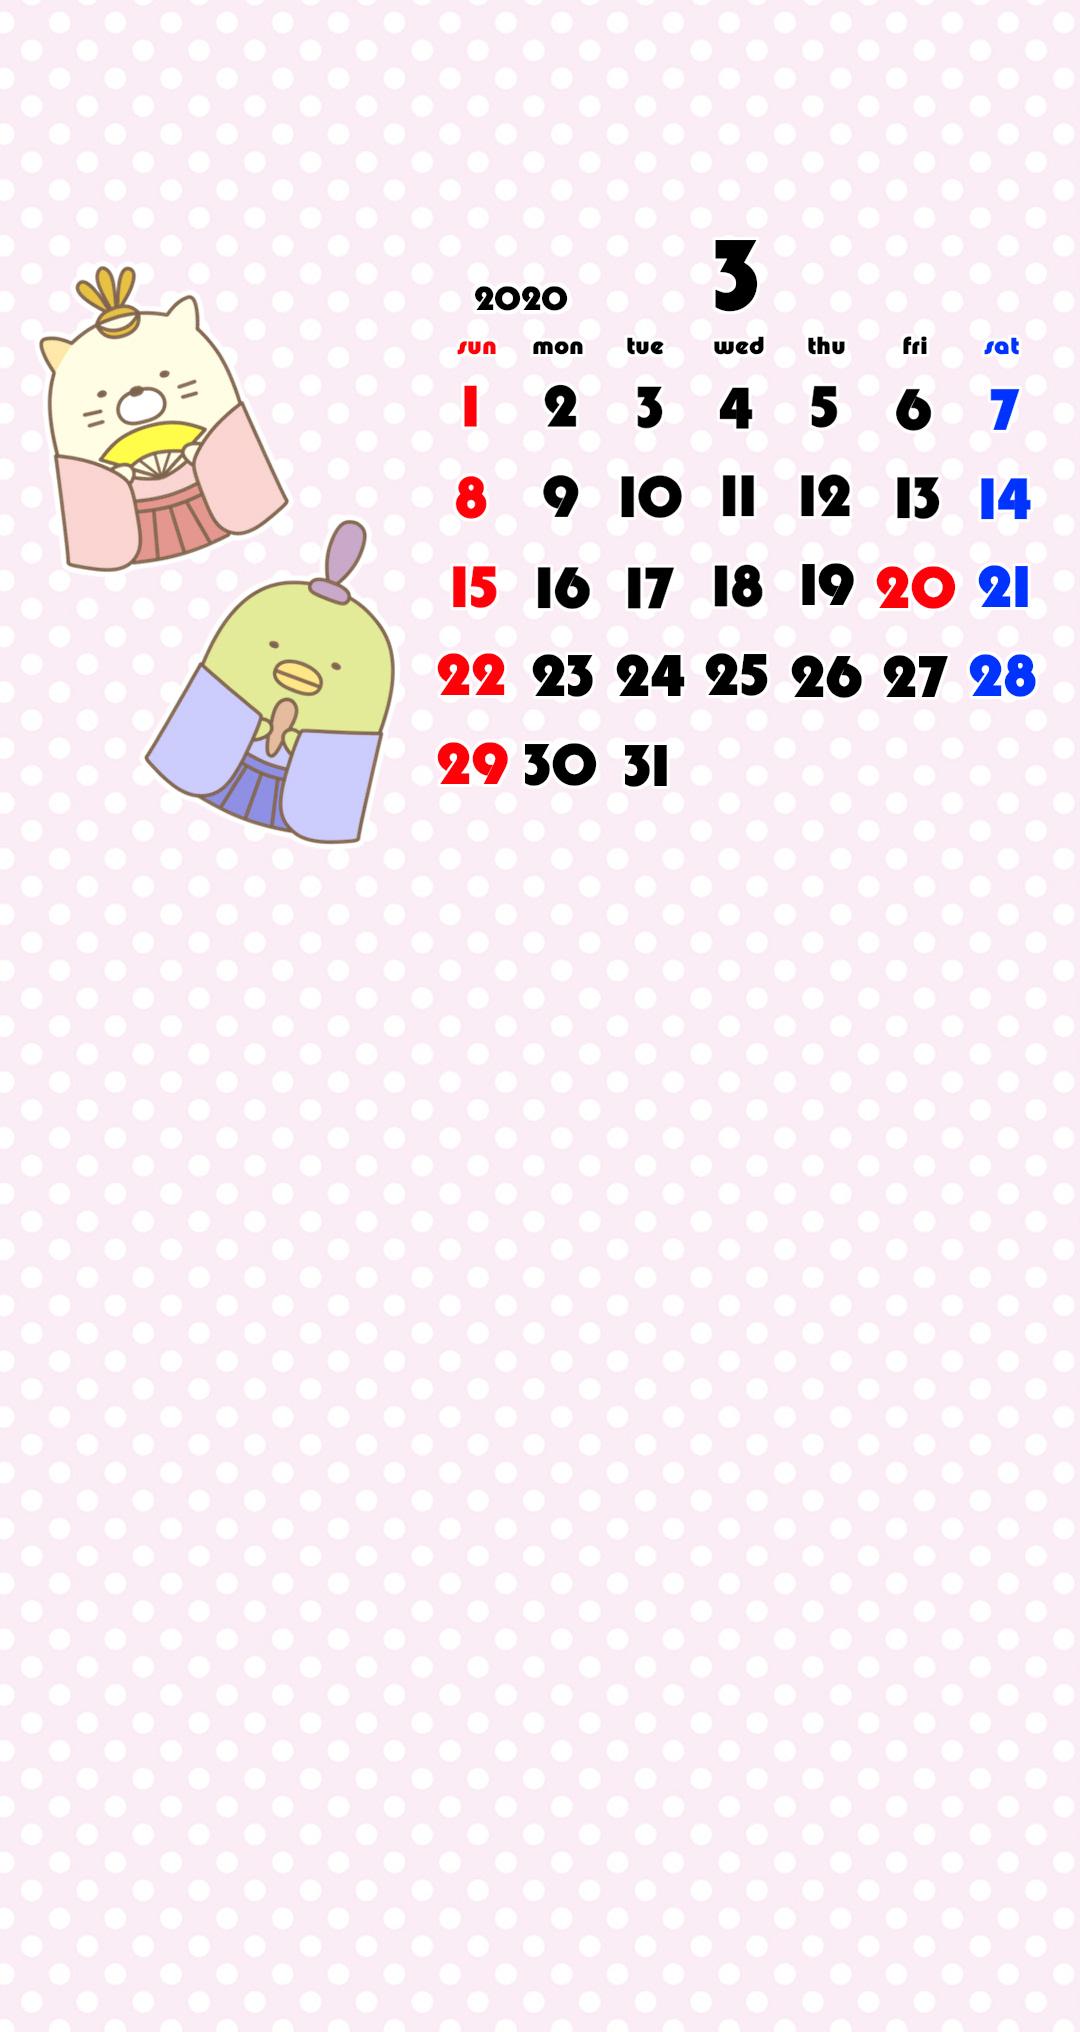 すみっこぐらし 待ち受けカレンダー 2020年3月 Android用 日曜始まり